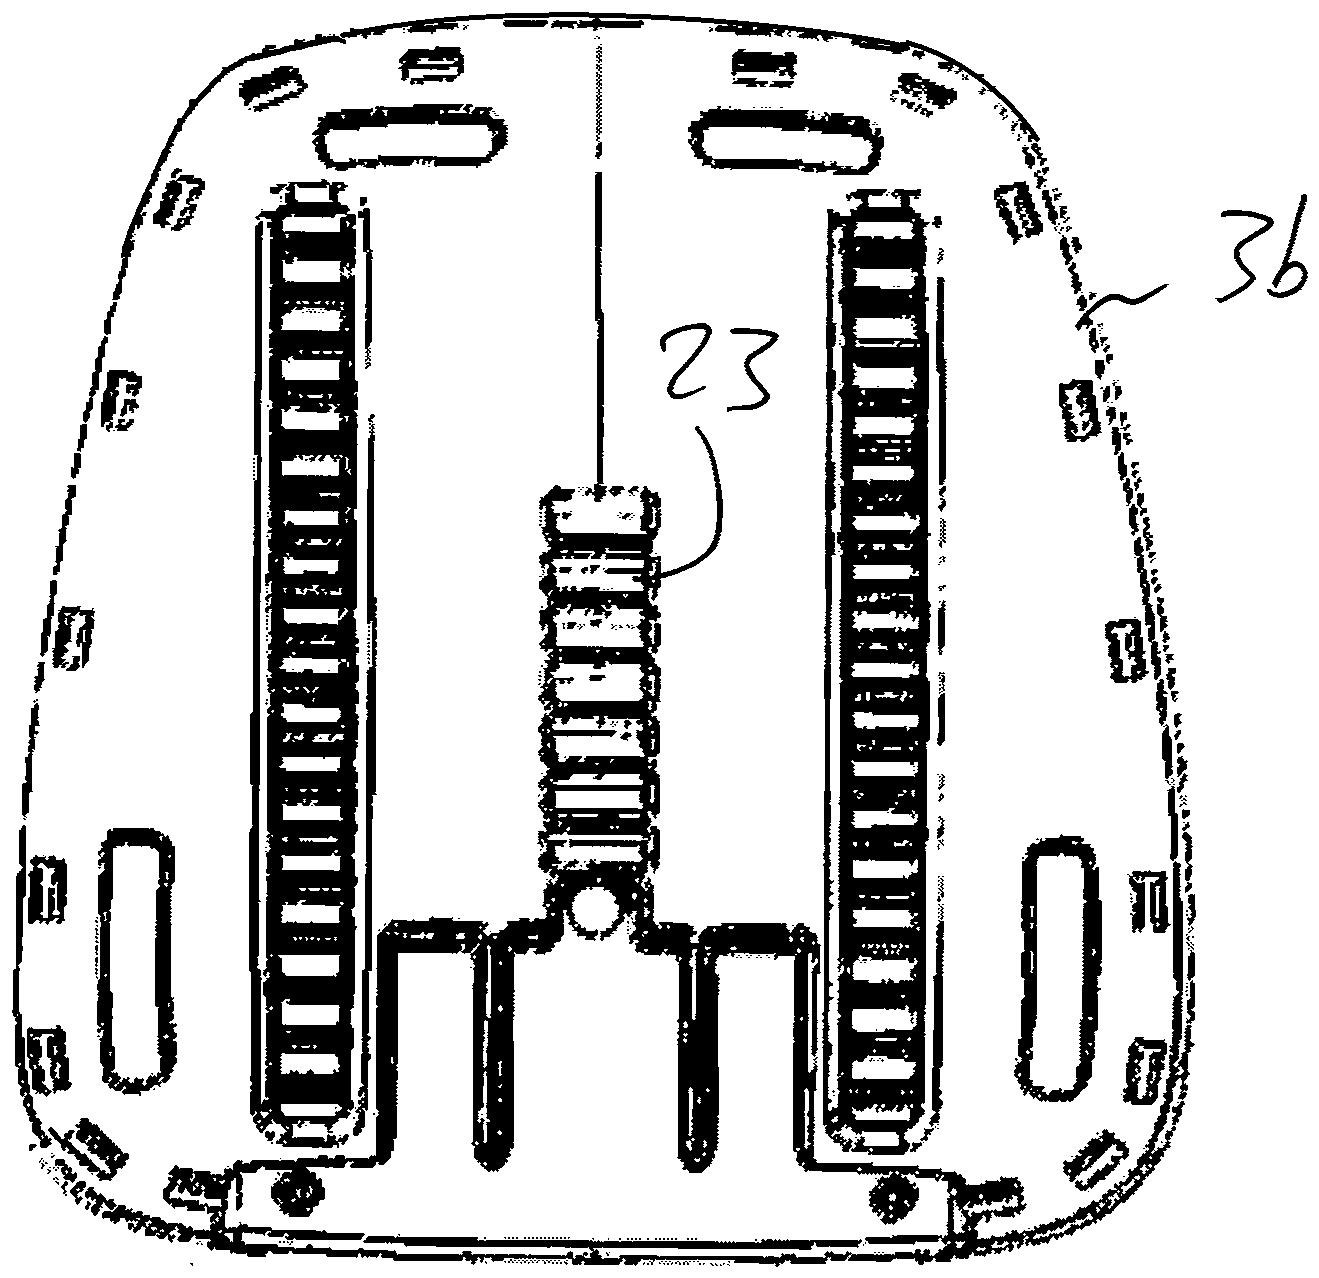 Figure DE102017104761A1_0000